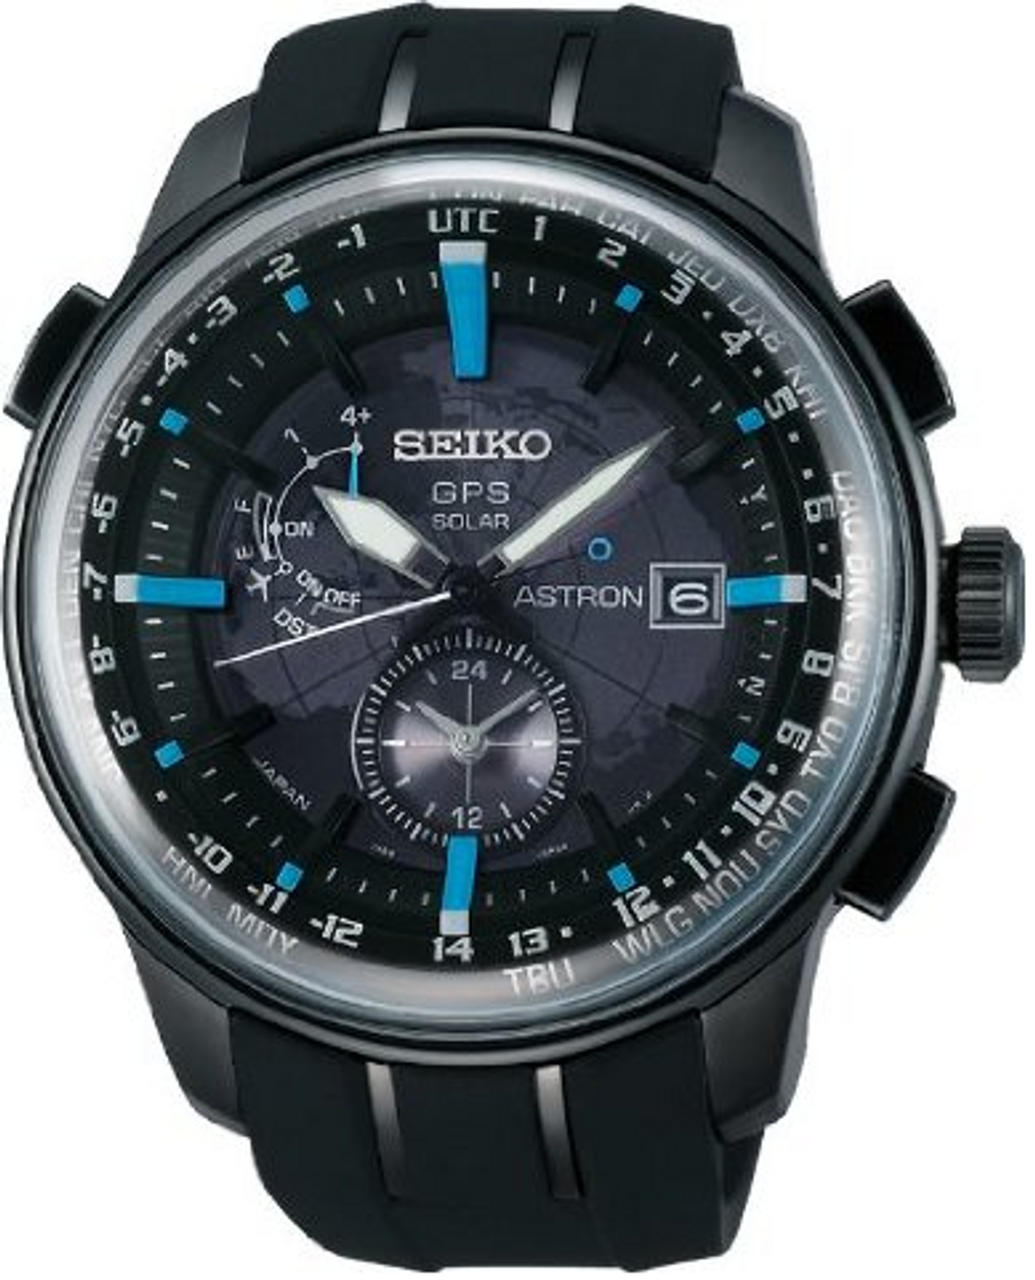 Seiko Astron SAS033 GPS Stratosphere SAS033J1